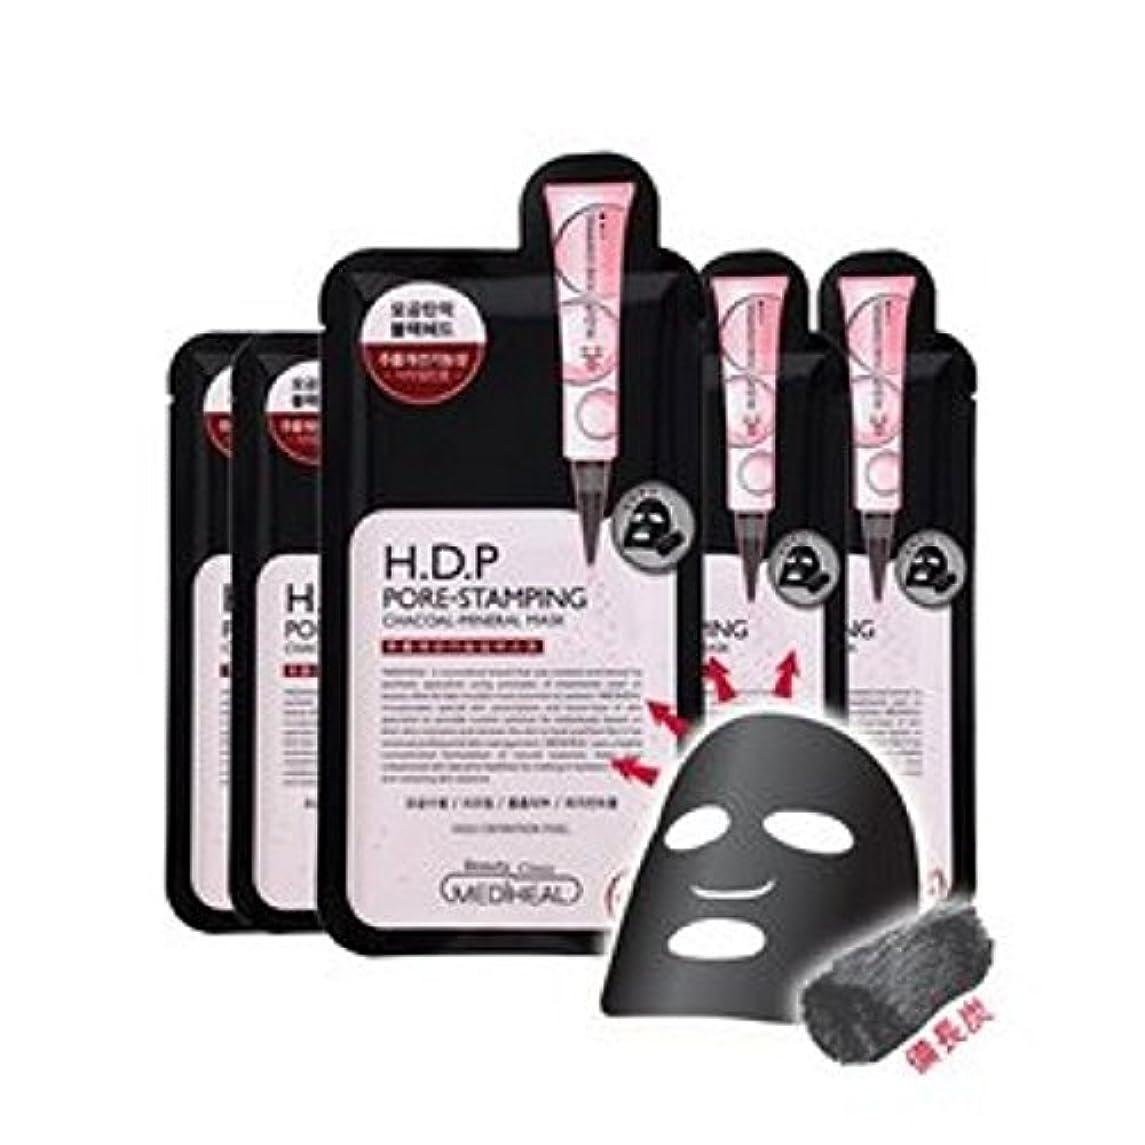 過言うんざり頂点メディヒール(Mediheal) H.D.P 毛穴スタンプ炭ミネラルマスク Pore stamping Charcoal mineral mask (10枚) [海外直送品][並行輸入品]